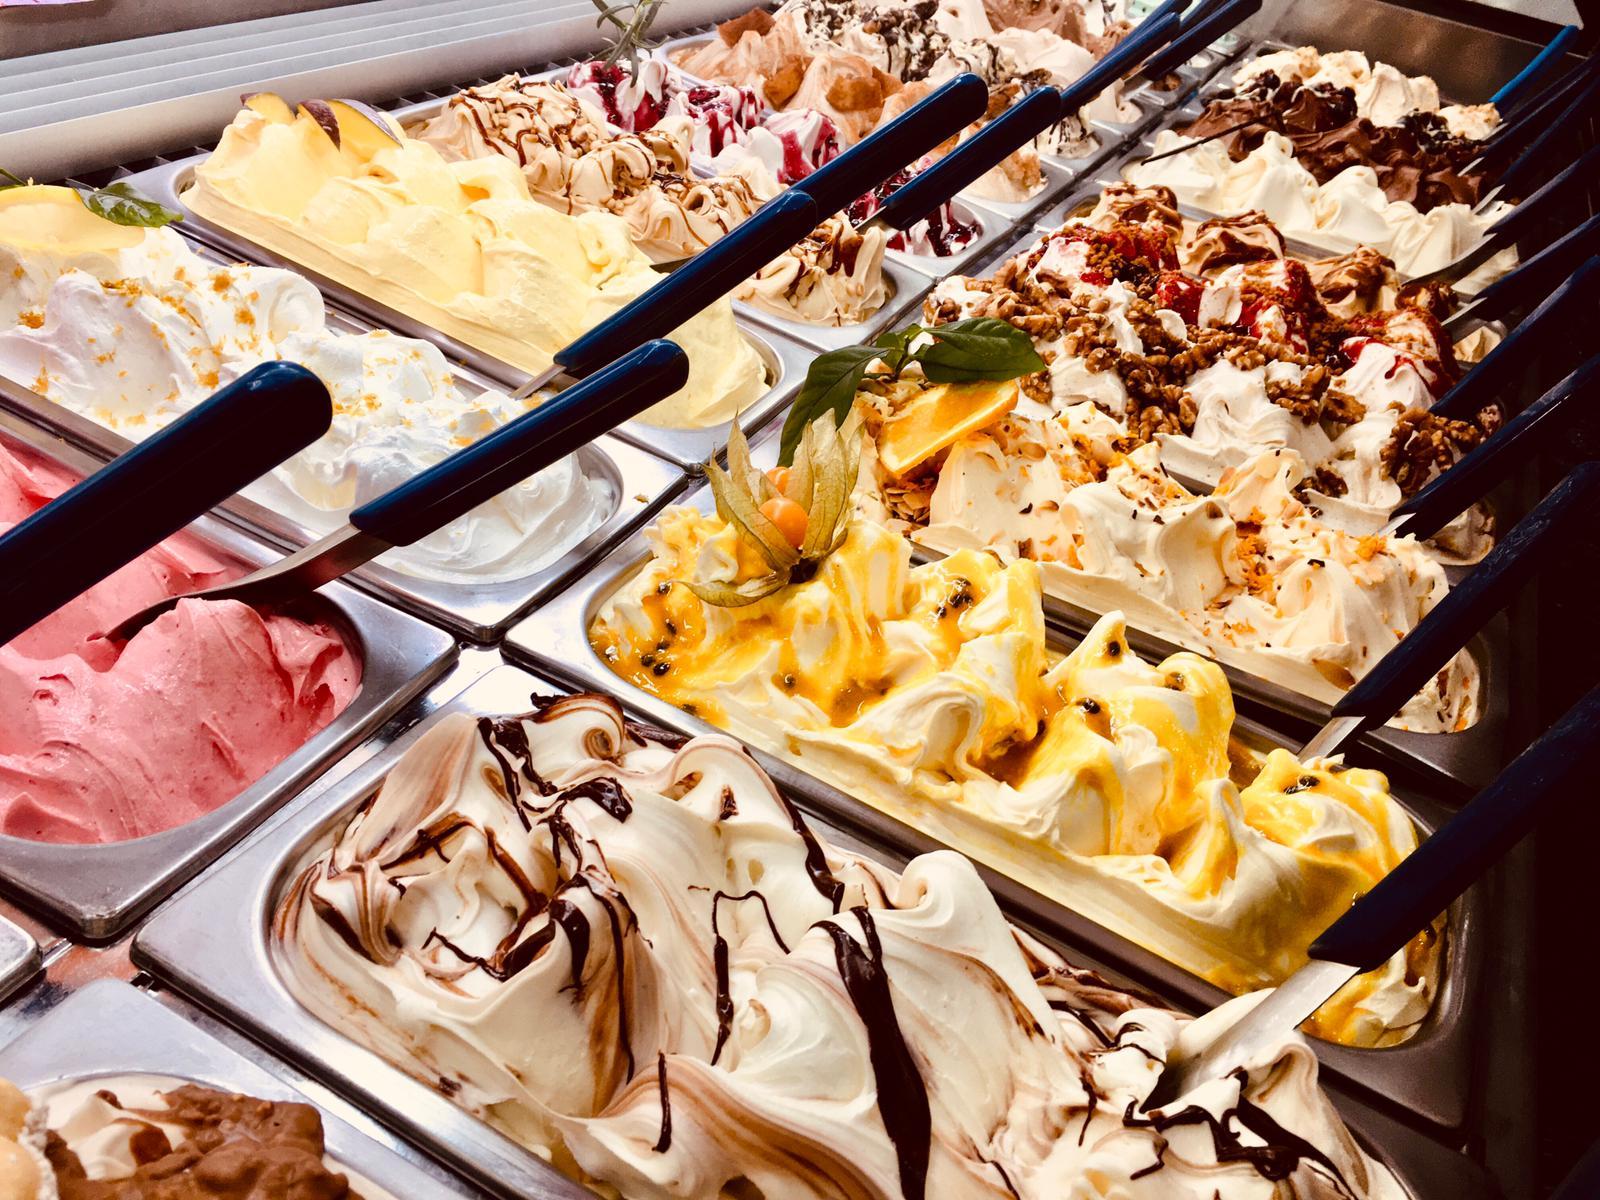 """La mítica heladería """"Pazza Mina"""" ha inaugurado su temporada 2021 con unos sabores clásicos de la Semana Santa: helado de Torrijas y helado de Romero con frambuesa!!!  También hay algunas sorpresas nuevas en la lista de los sabores!!"""